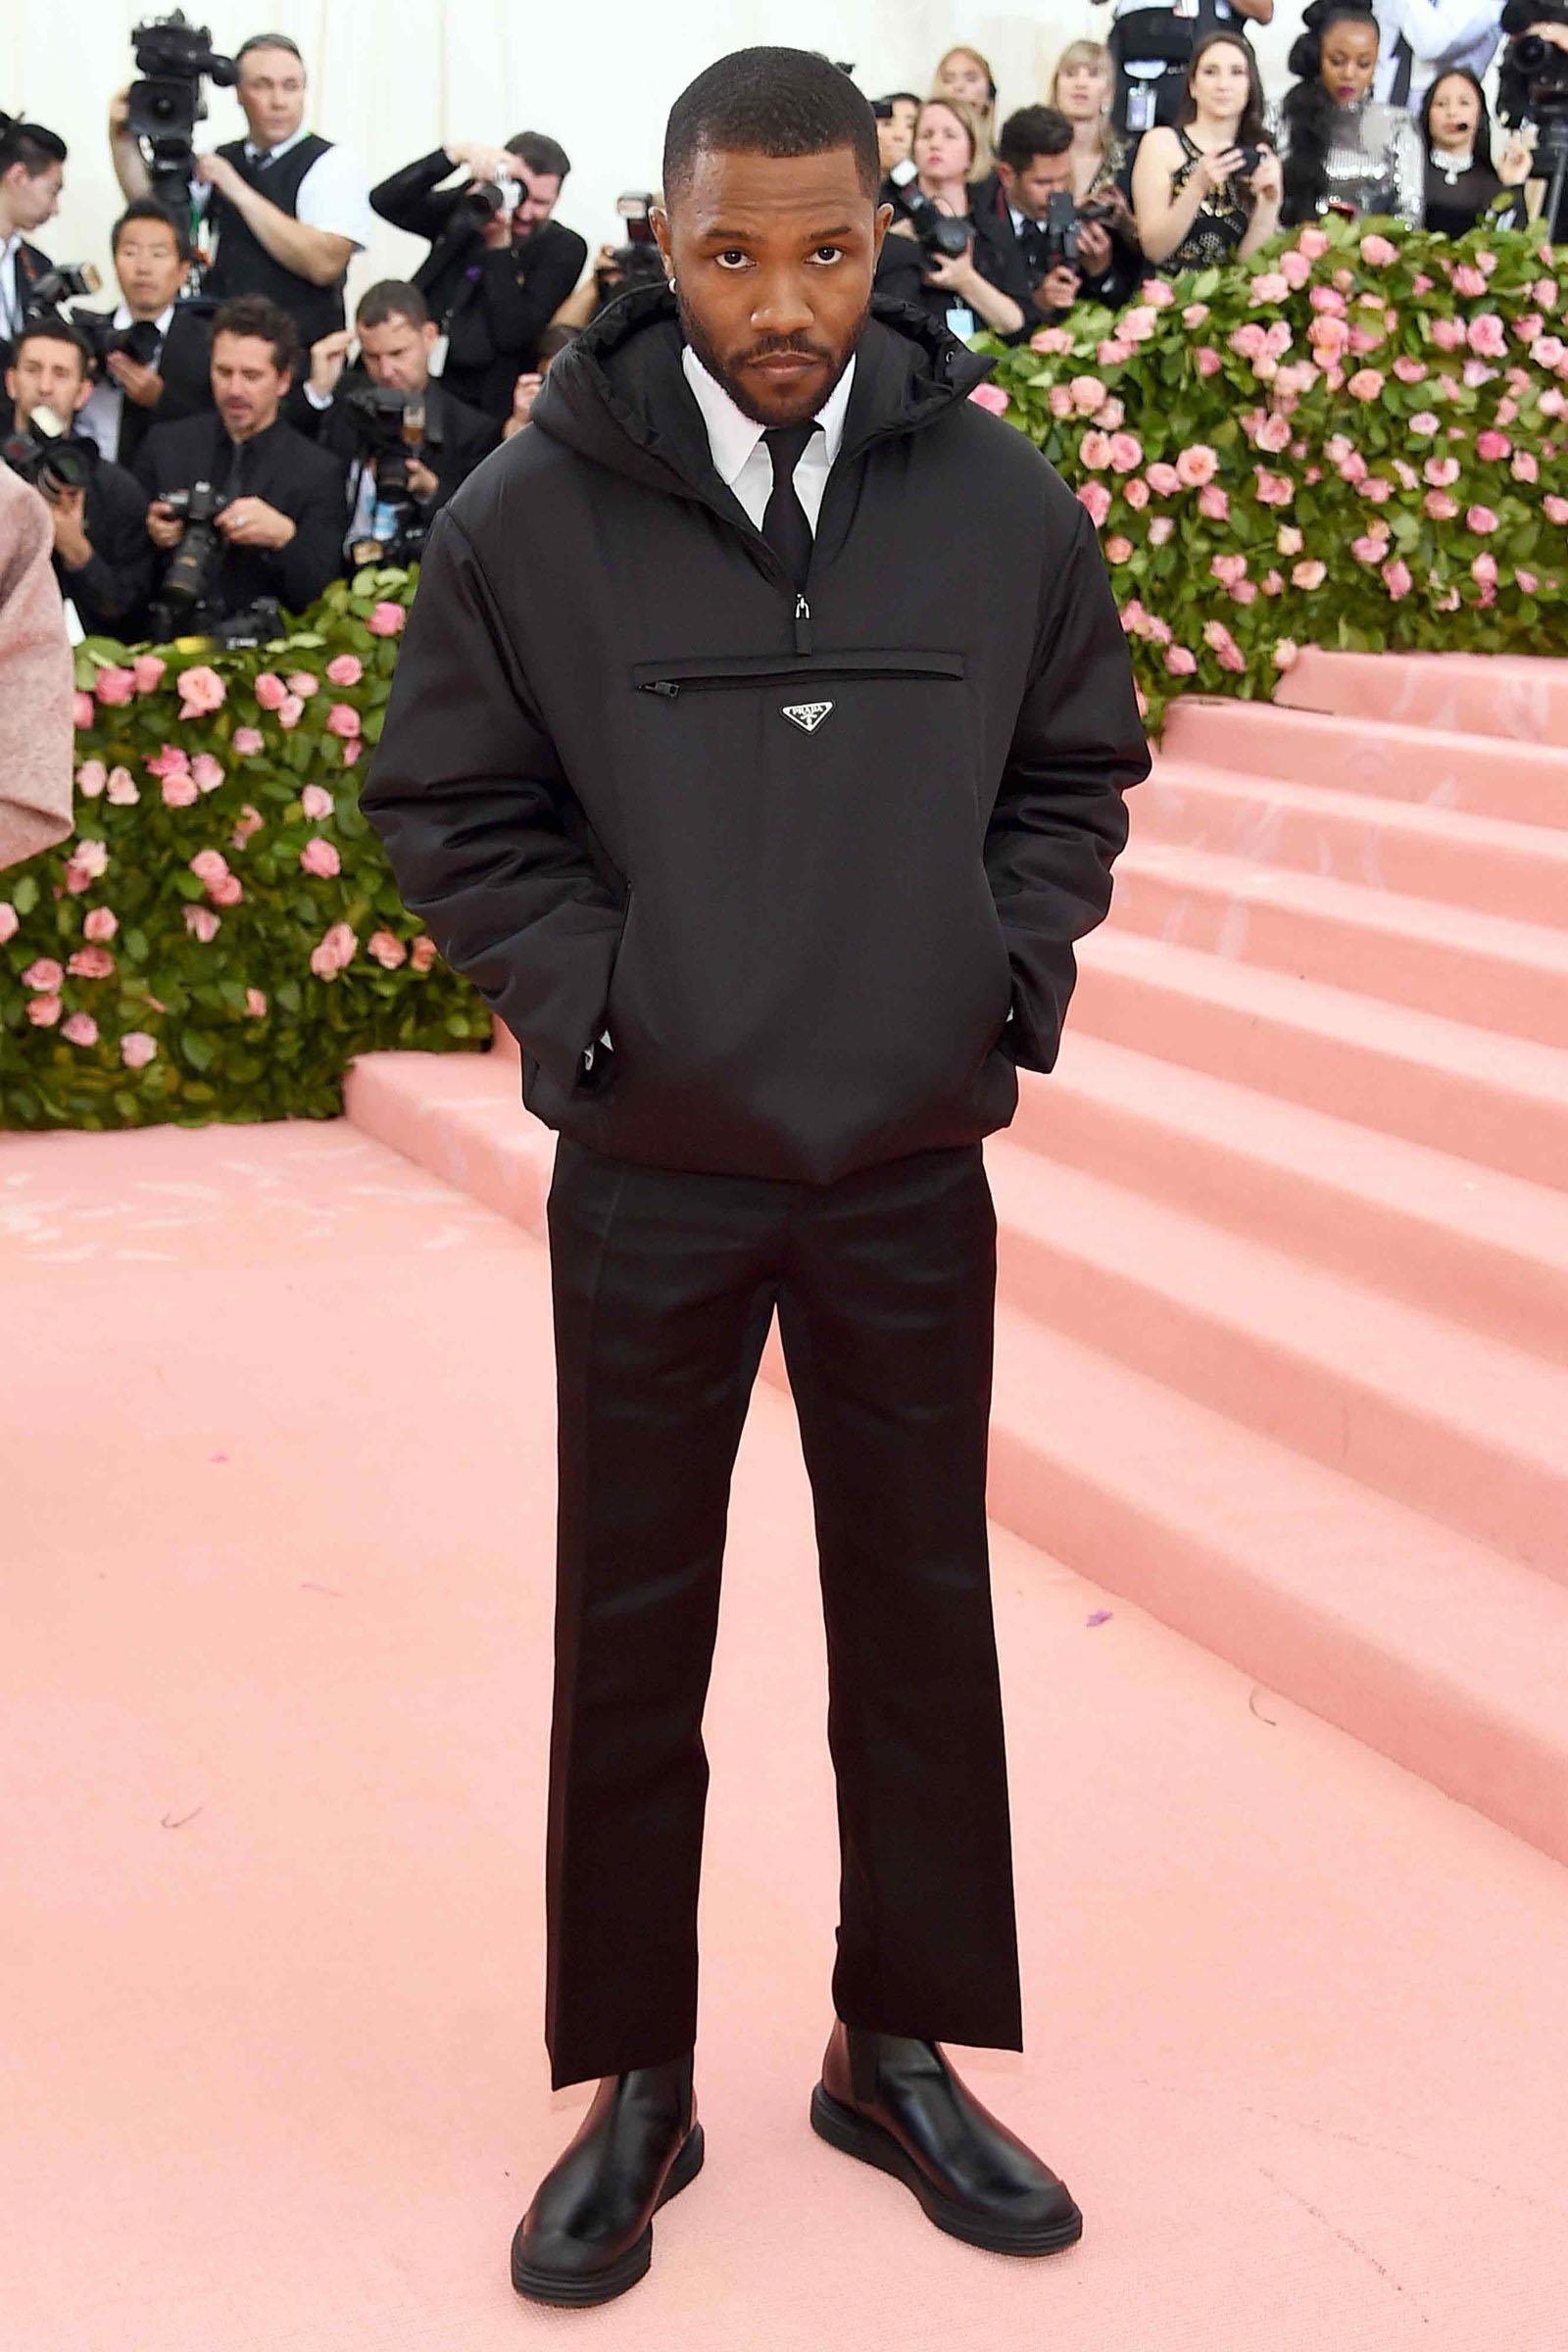 Best dressed men at Met Gala 2019: Frank Ocean